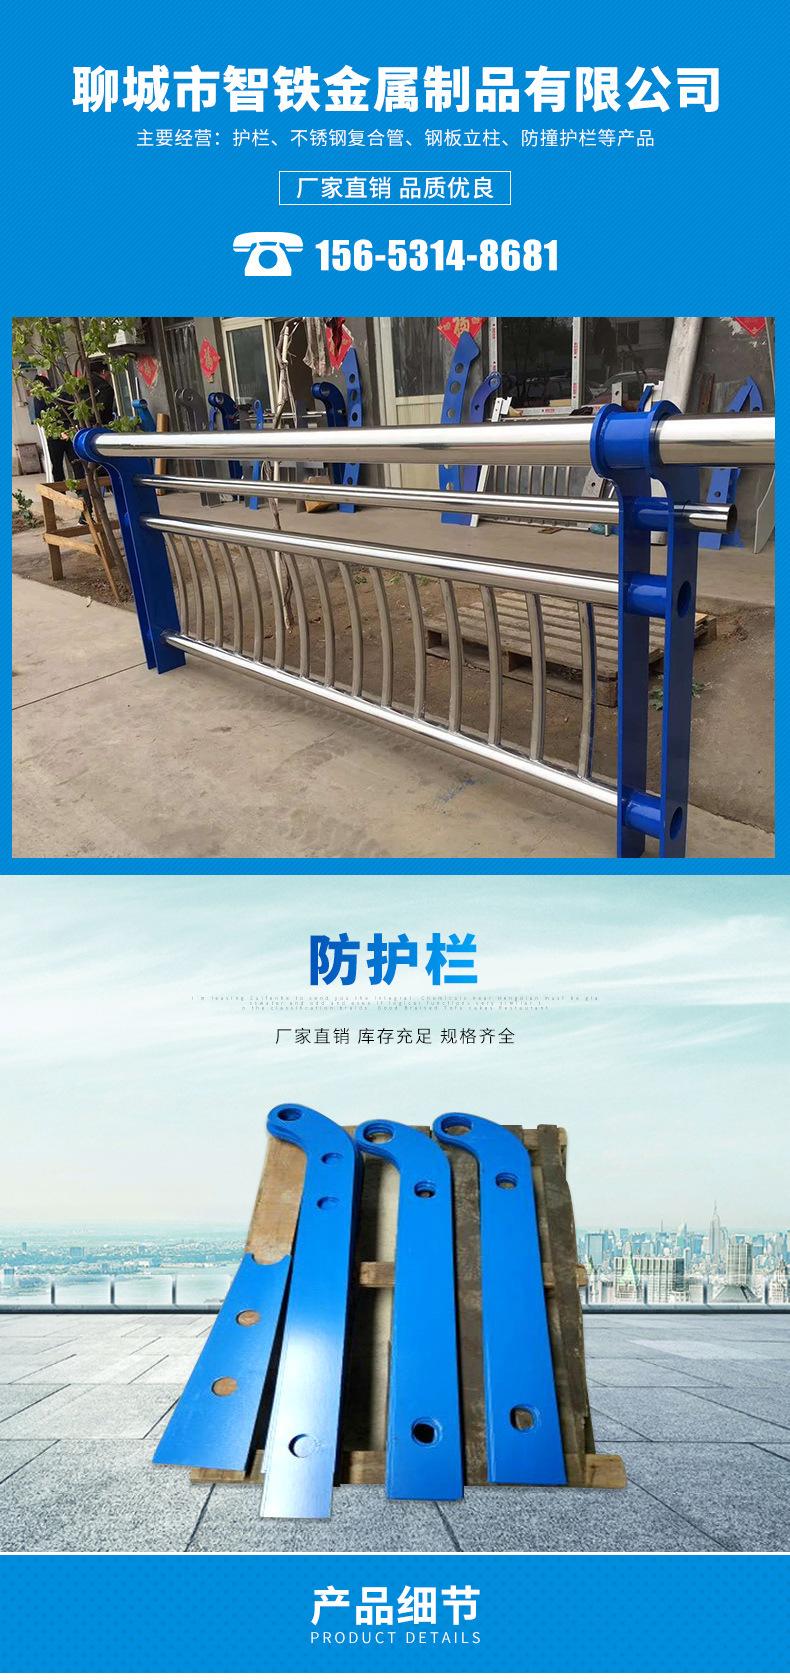 河道护栏 公路护栏  栏杆  高速护栏 河道景观护栏厂家立柱示例图1